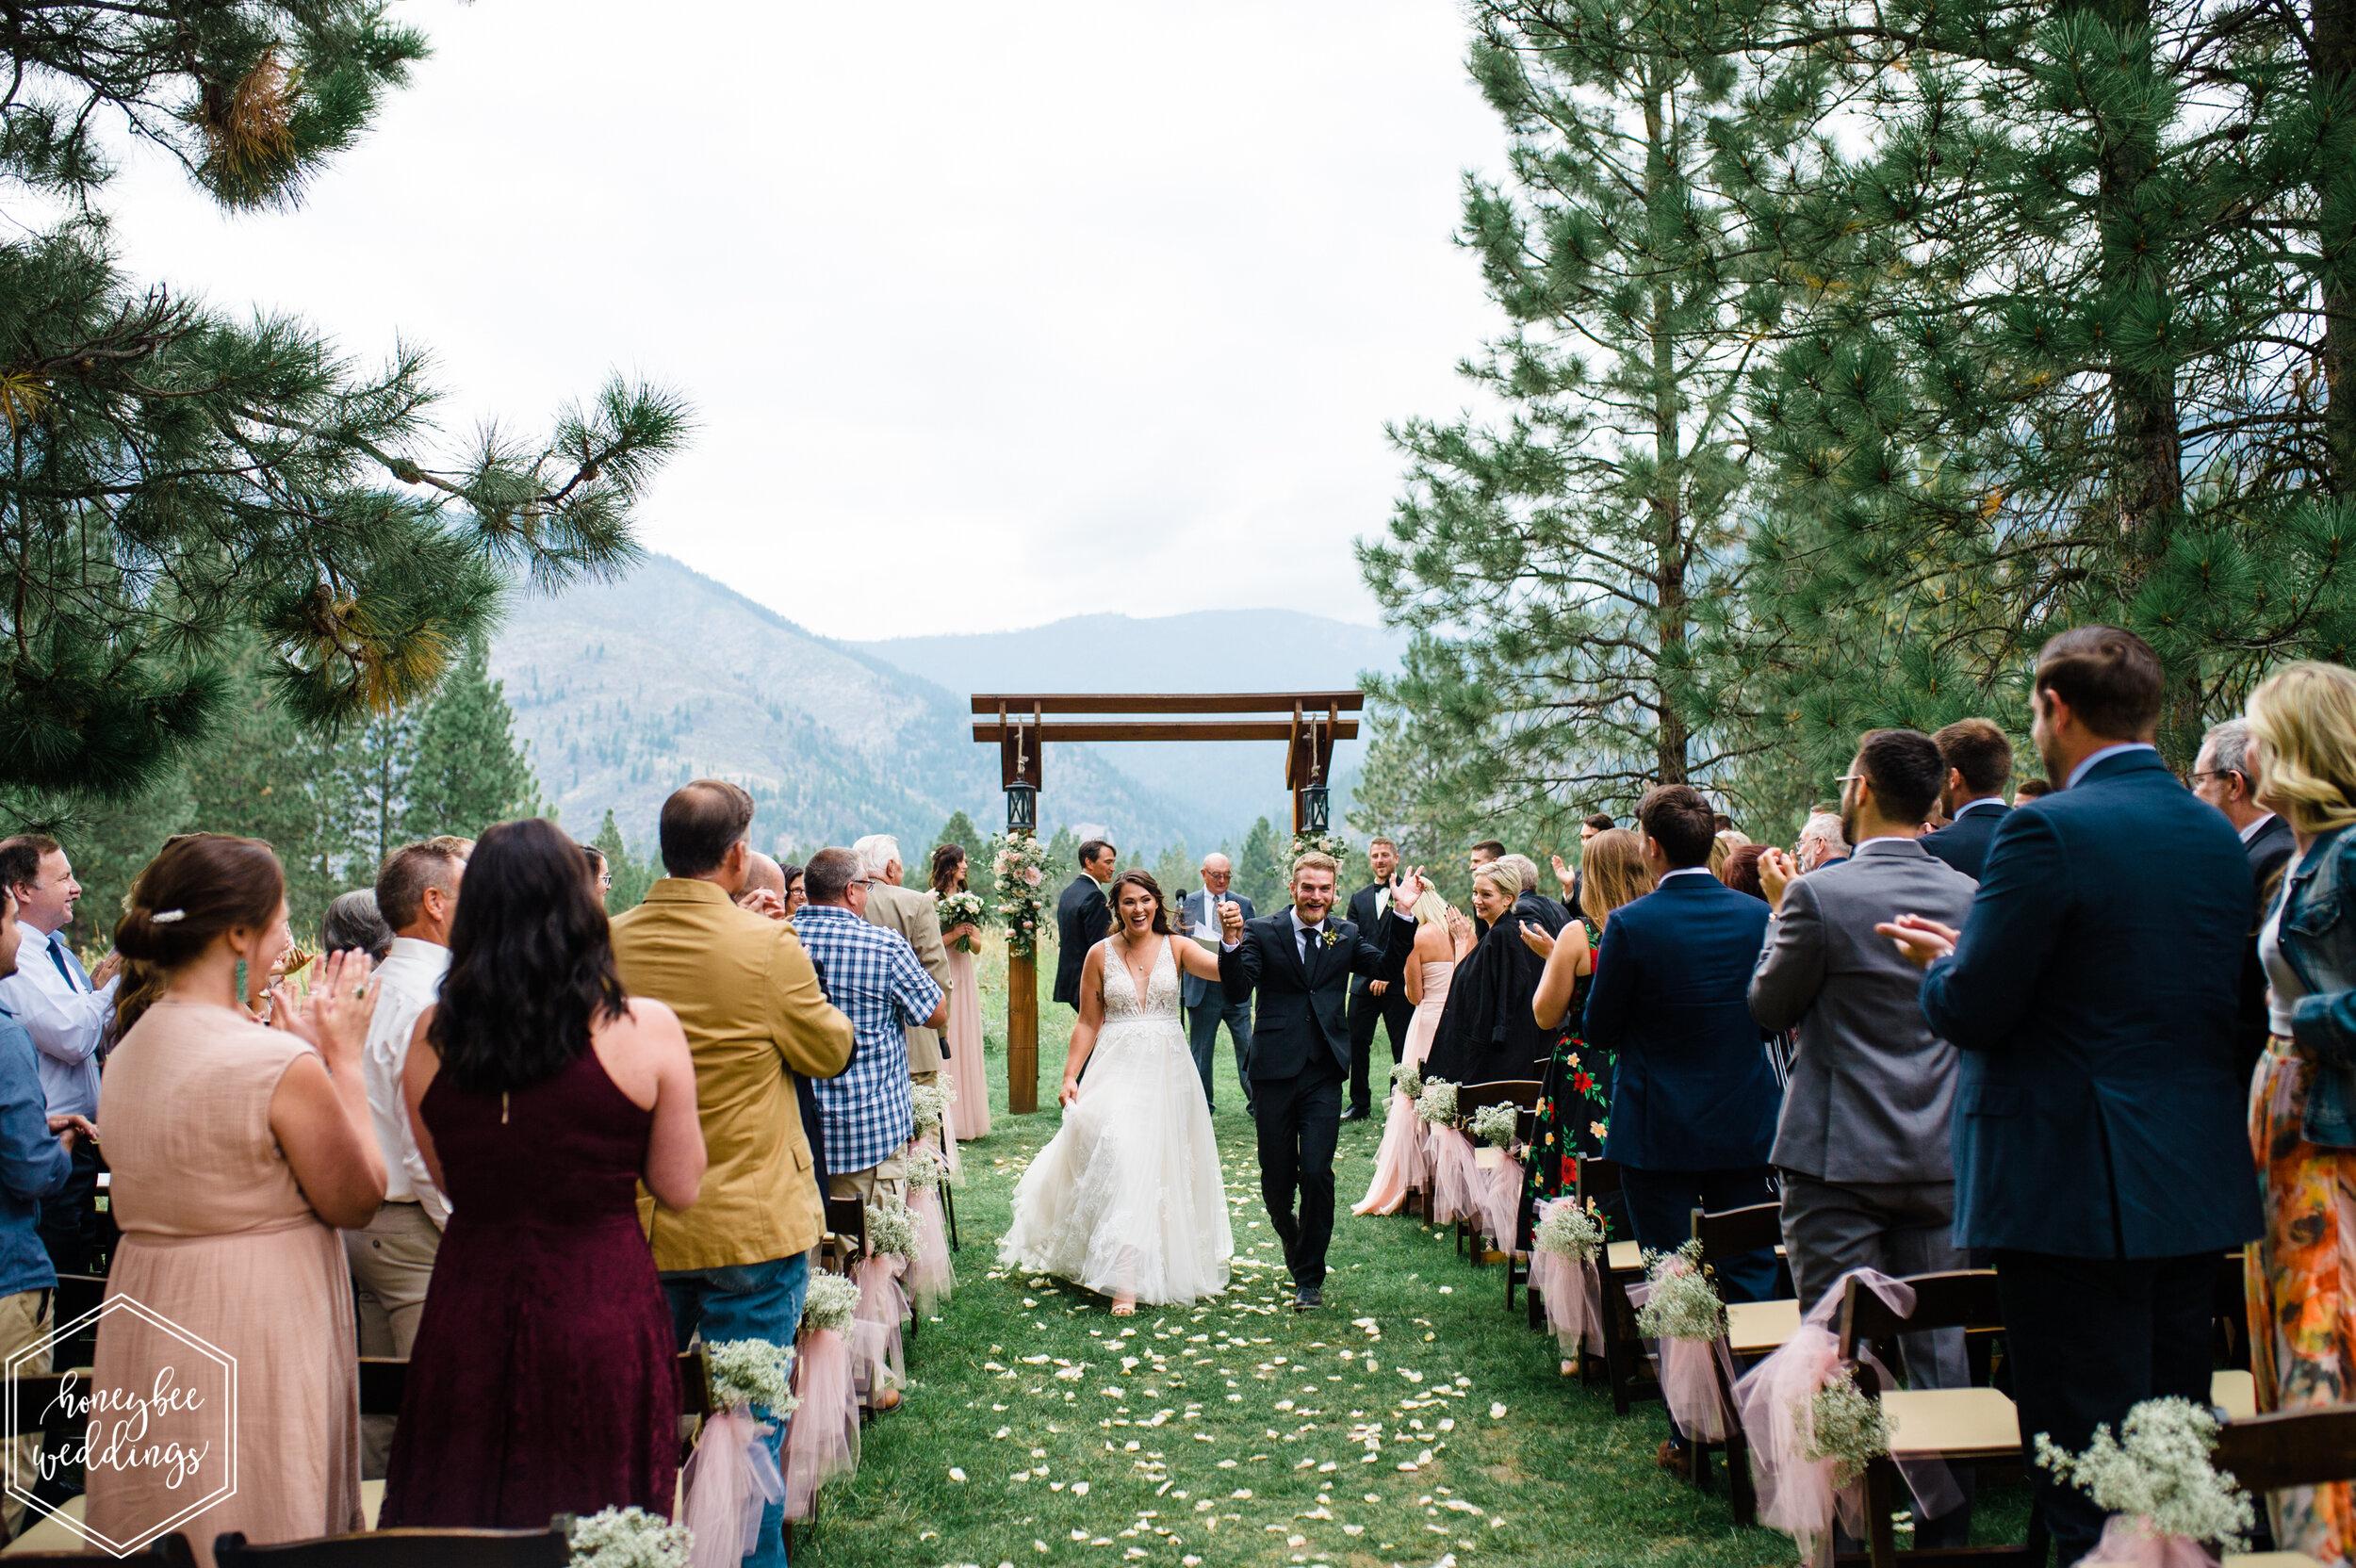 072White Raven Wedding_Montana Wedding Photographer_Corey & Corey_Honeybee Weddings_September 06, 2019-1338.jpg